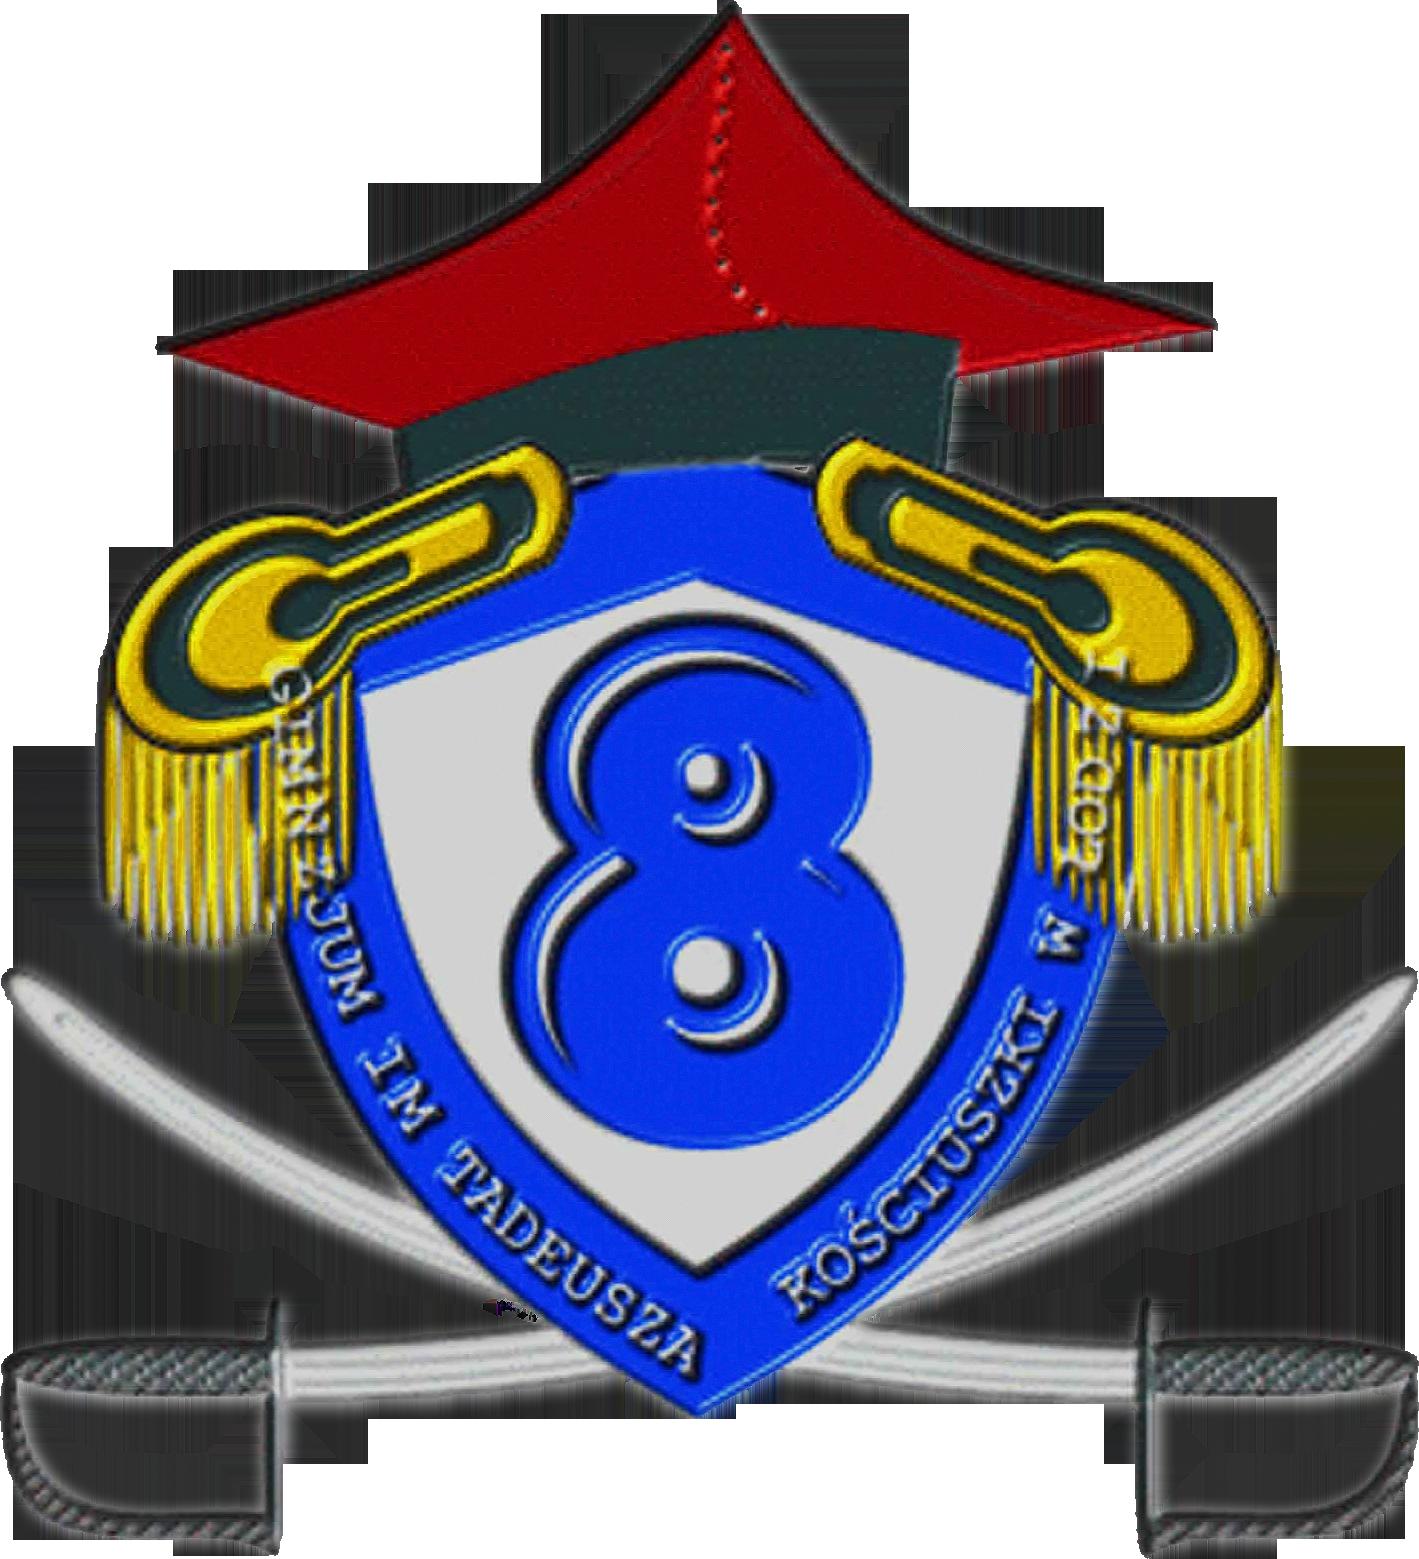 Lodz Logo photo - 1